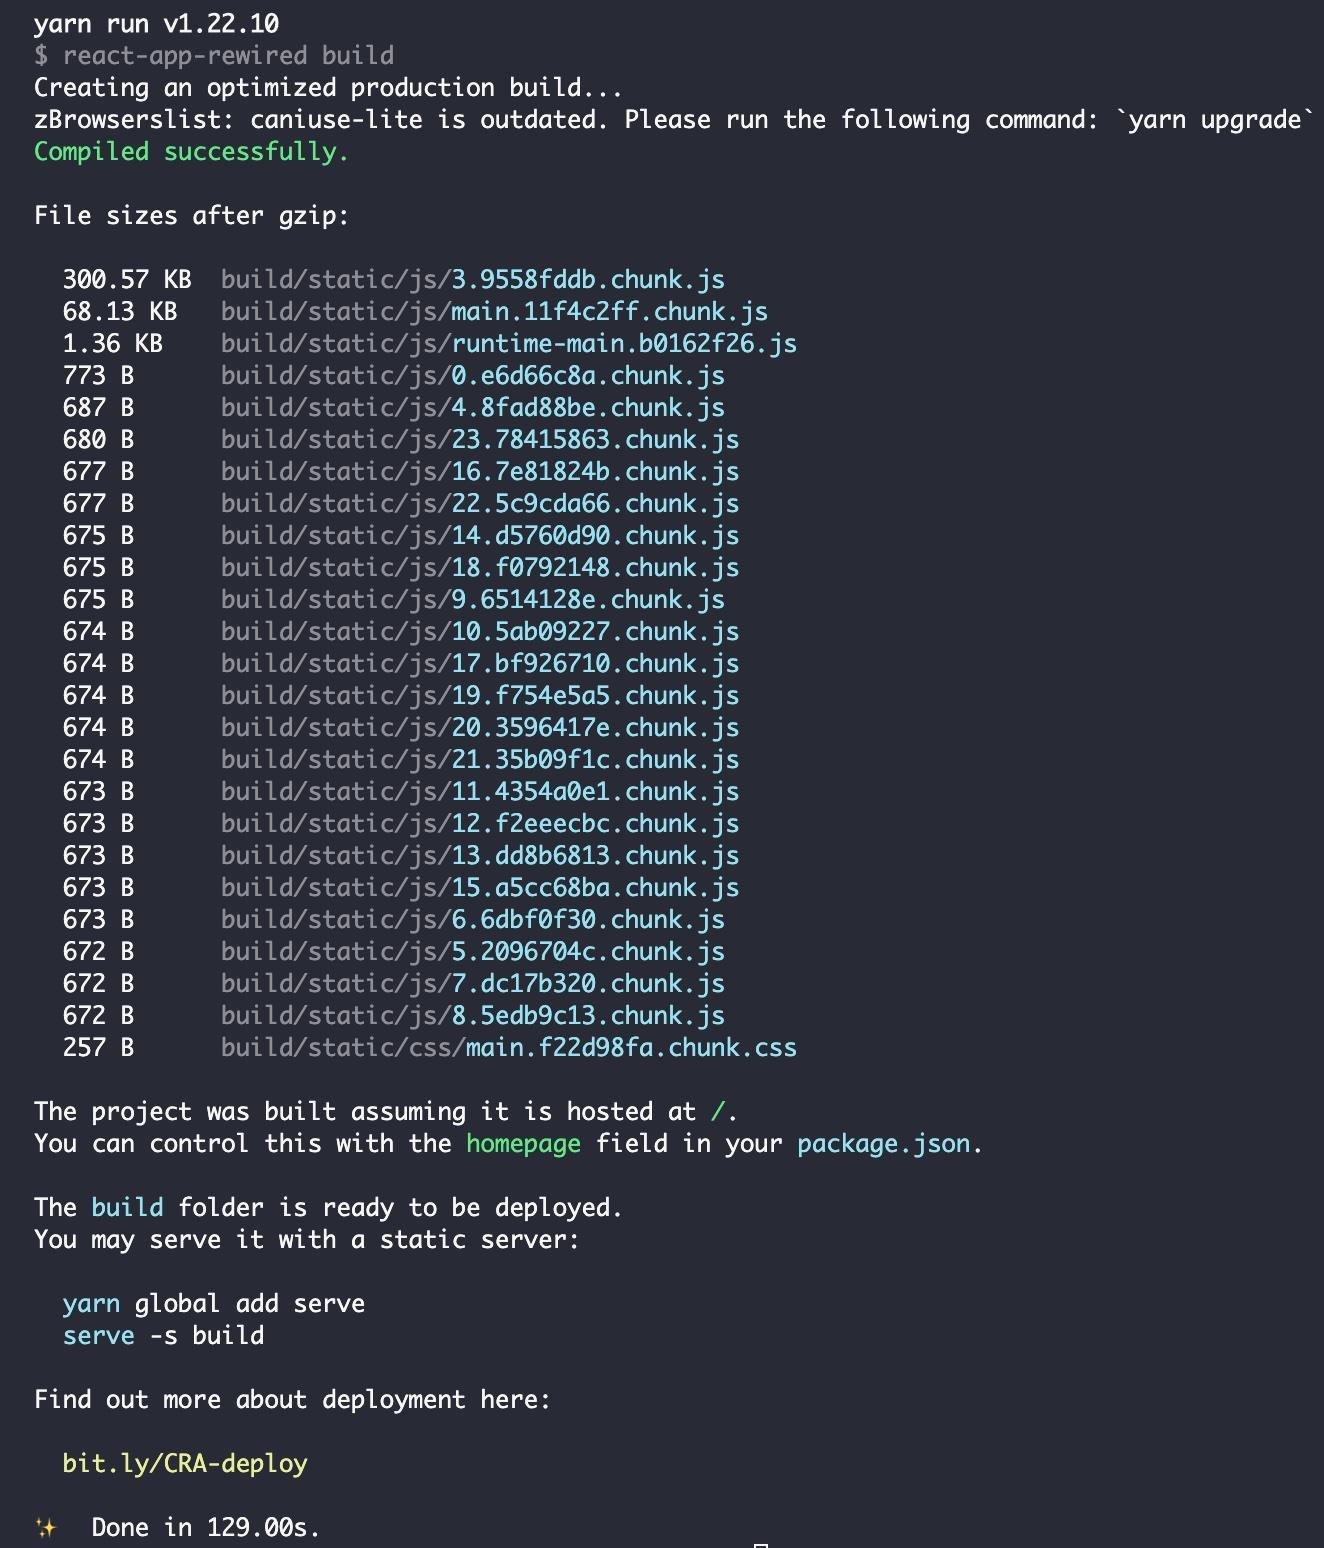 20201215 build log - CRA